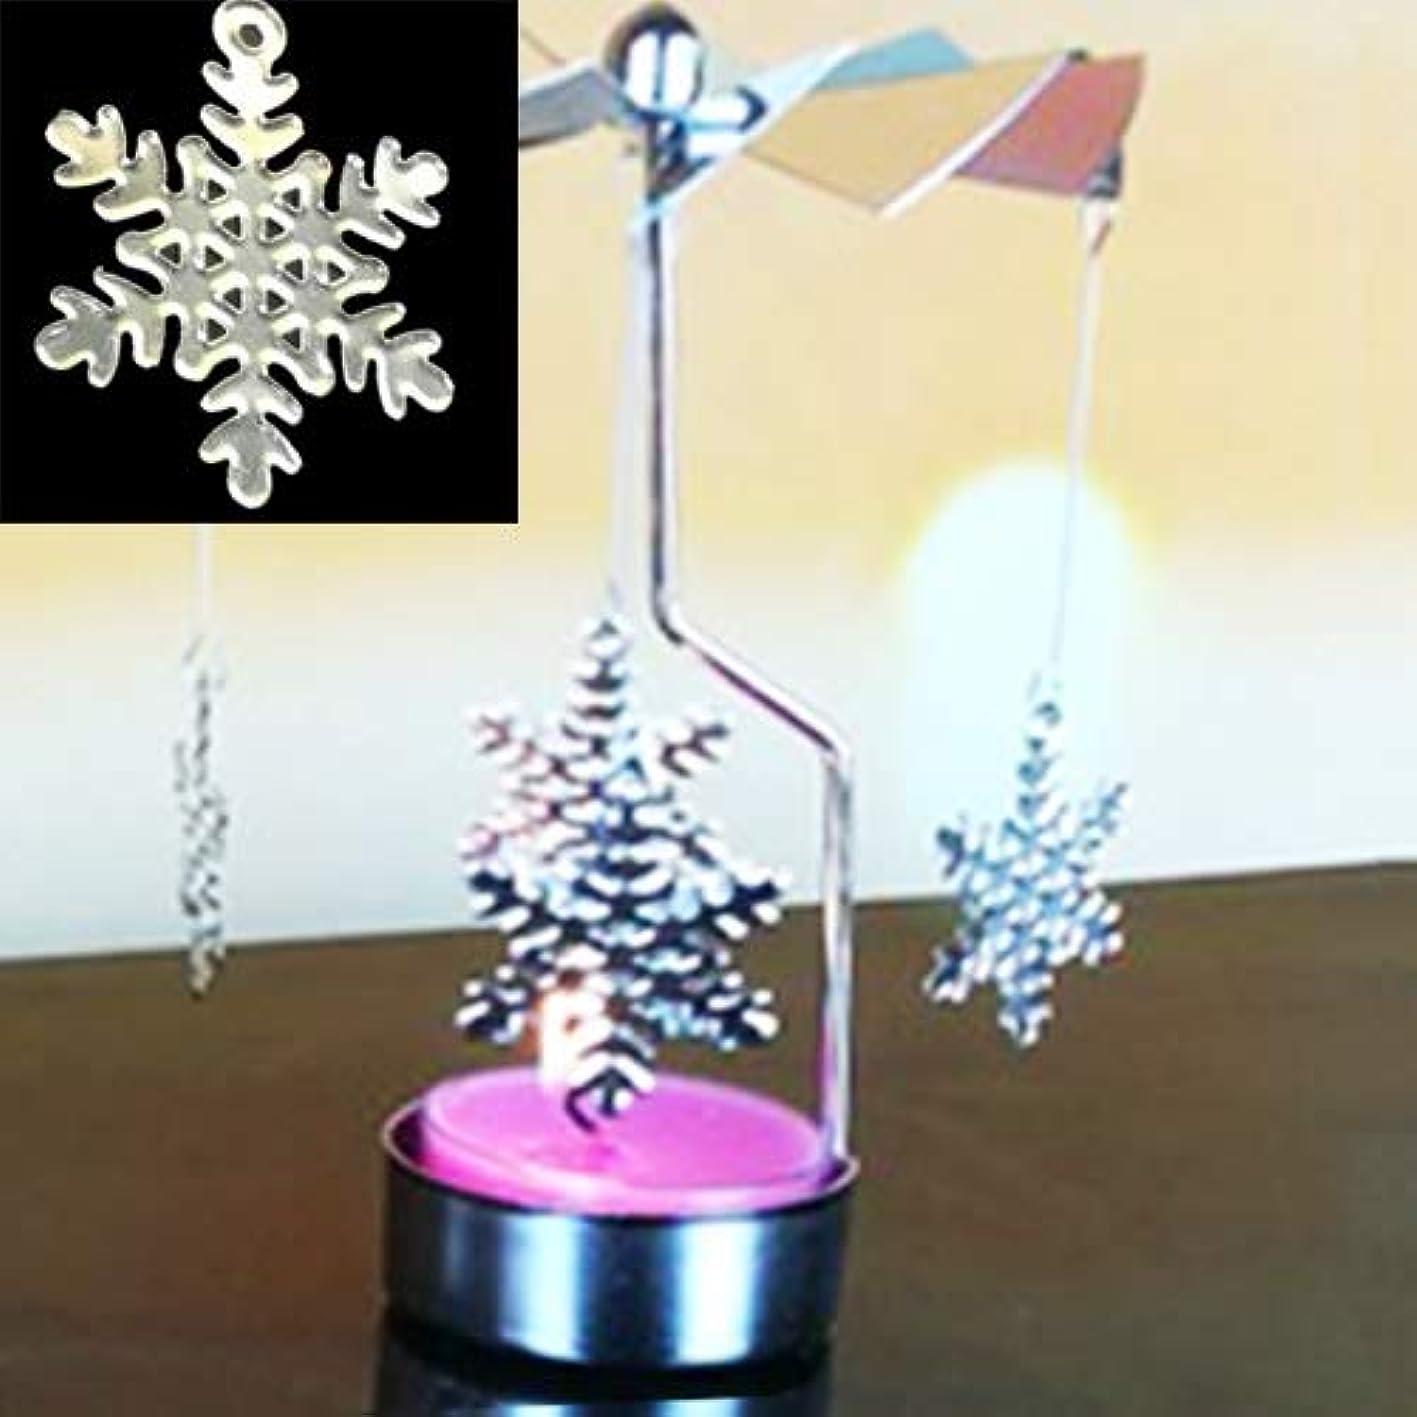 なめらか手のひら錆びLabos クリスマス新年のホームデコレーションクリスマスツリーのパターンのメタルファッション回転ローソク足 (色 : Color4)